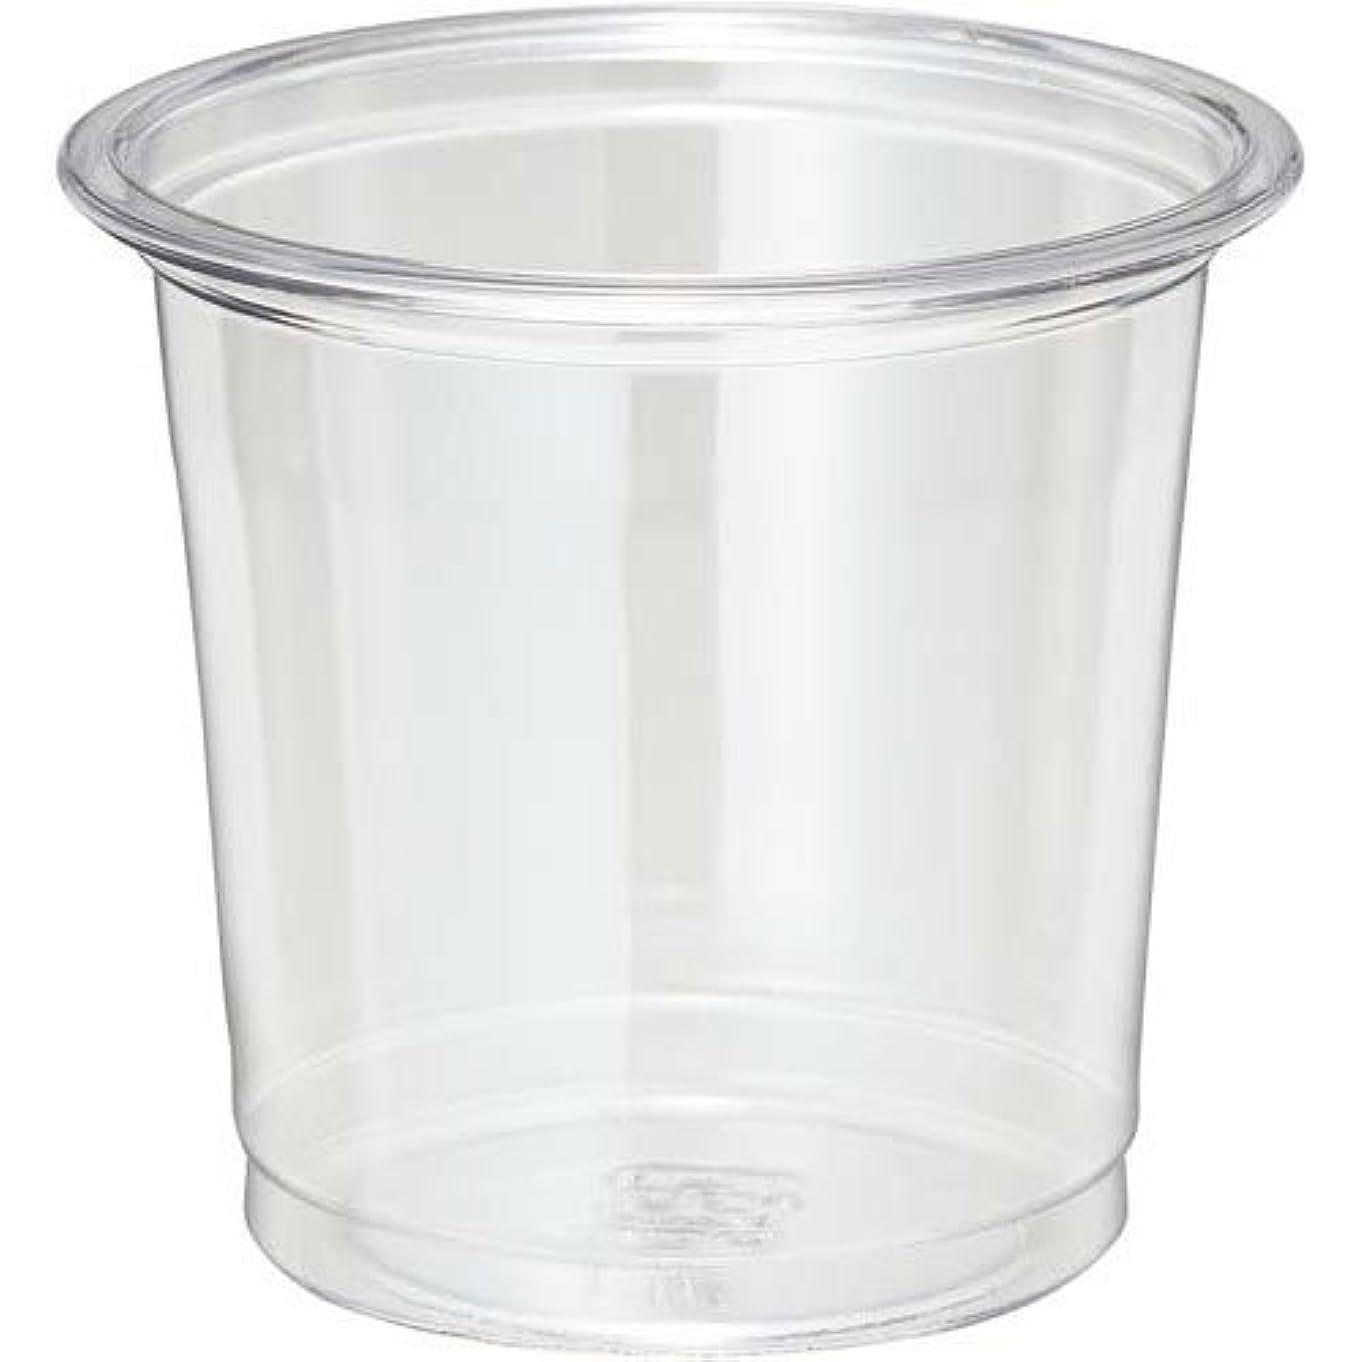 シンジケート貢献書道サンナップ プラ試飲カップ 2オンス(60ml)100個×5